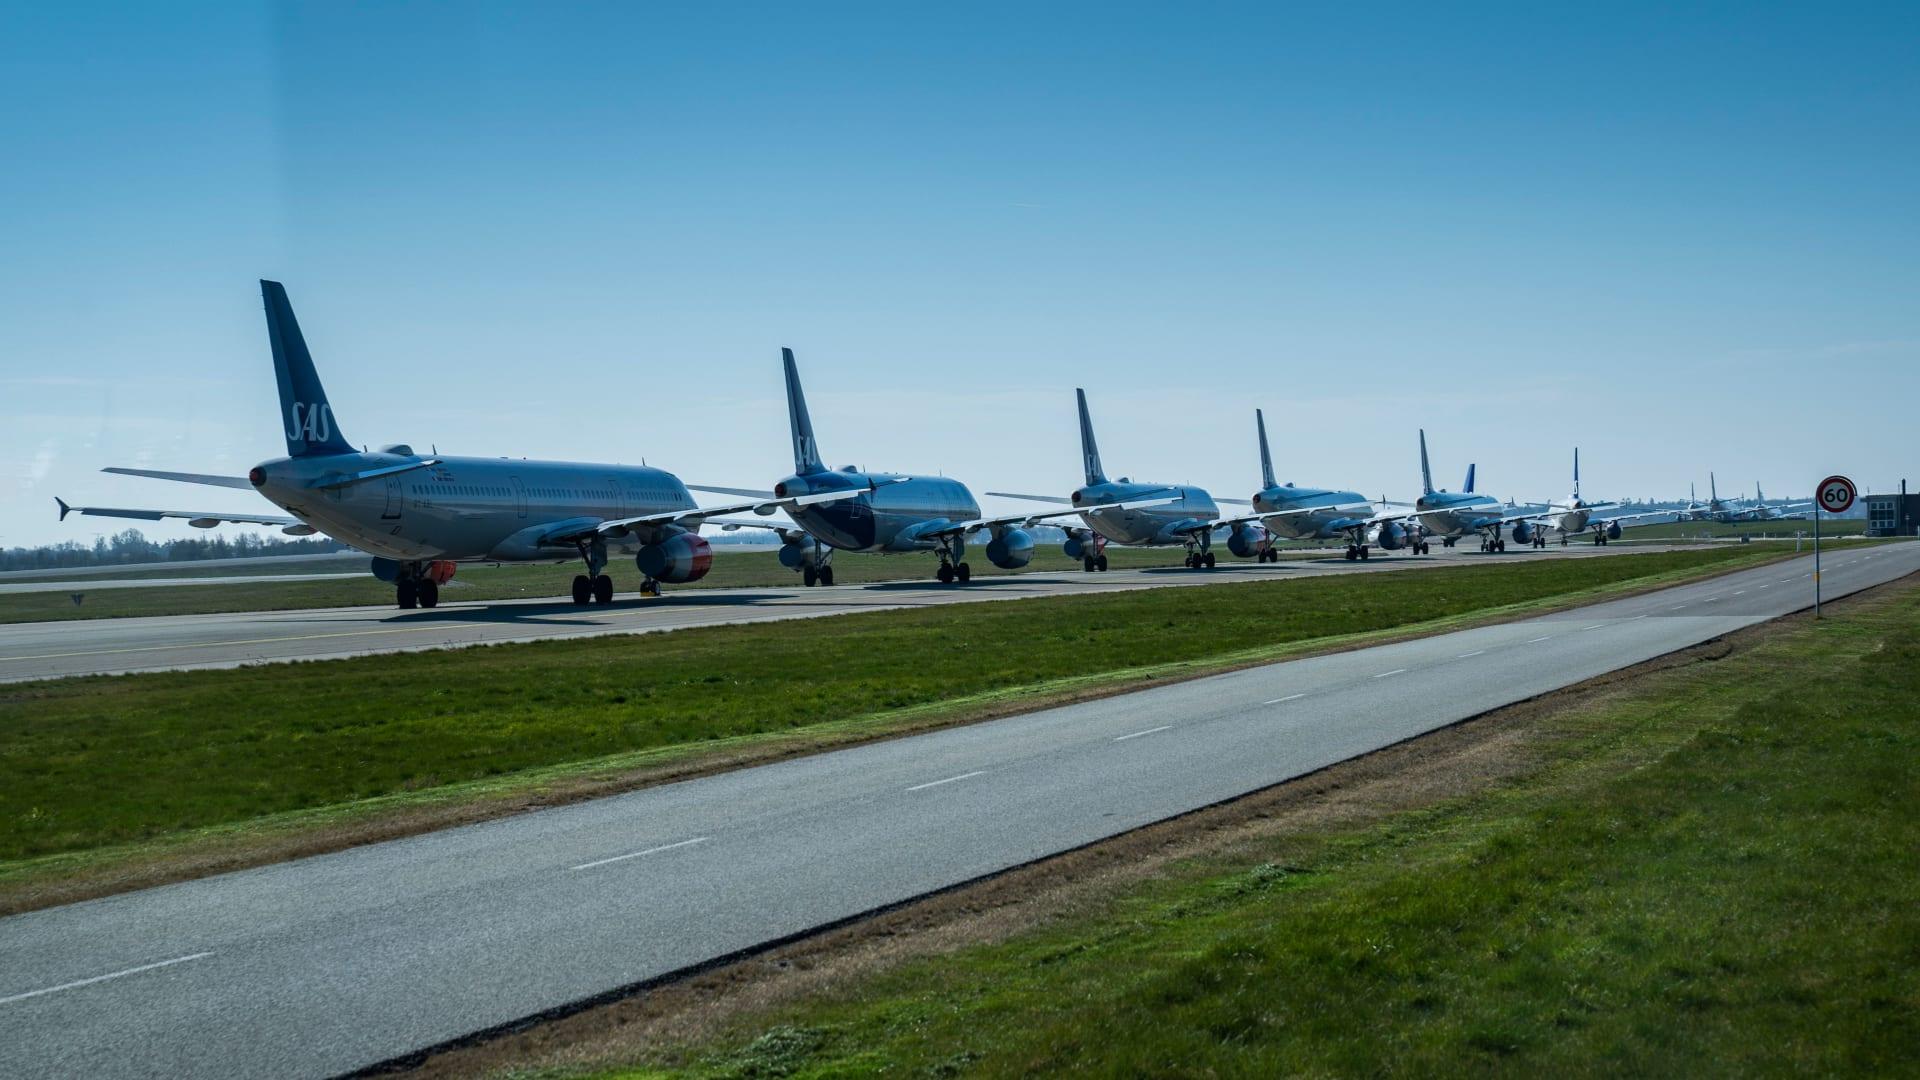 صورة أرشيفية لطائرات بمطار كوبنهاغن بالدنمارك